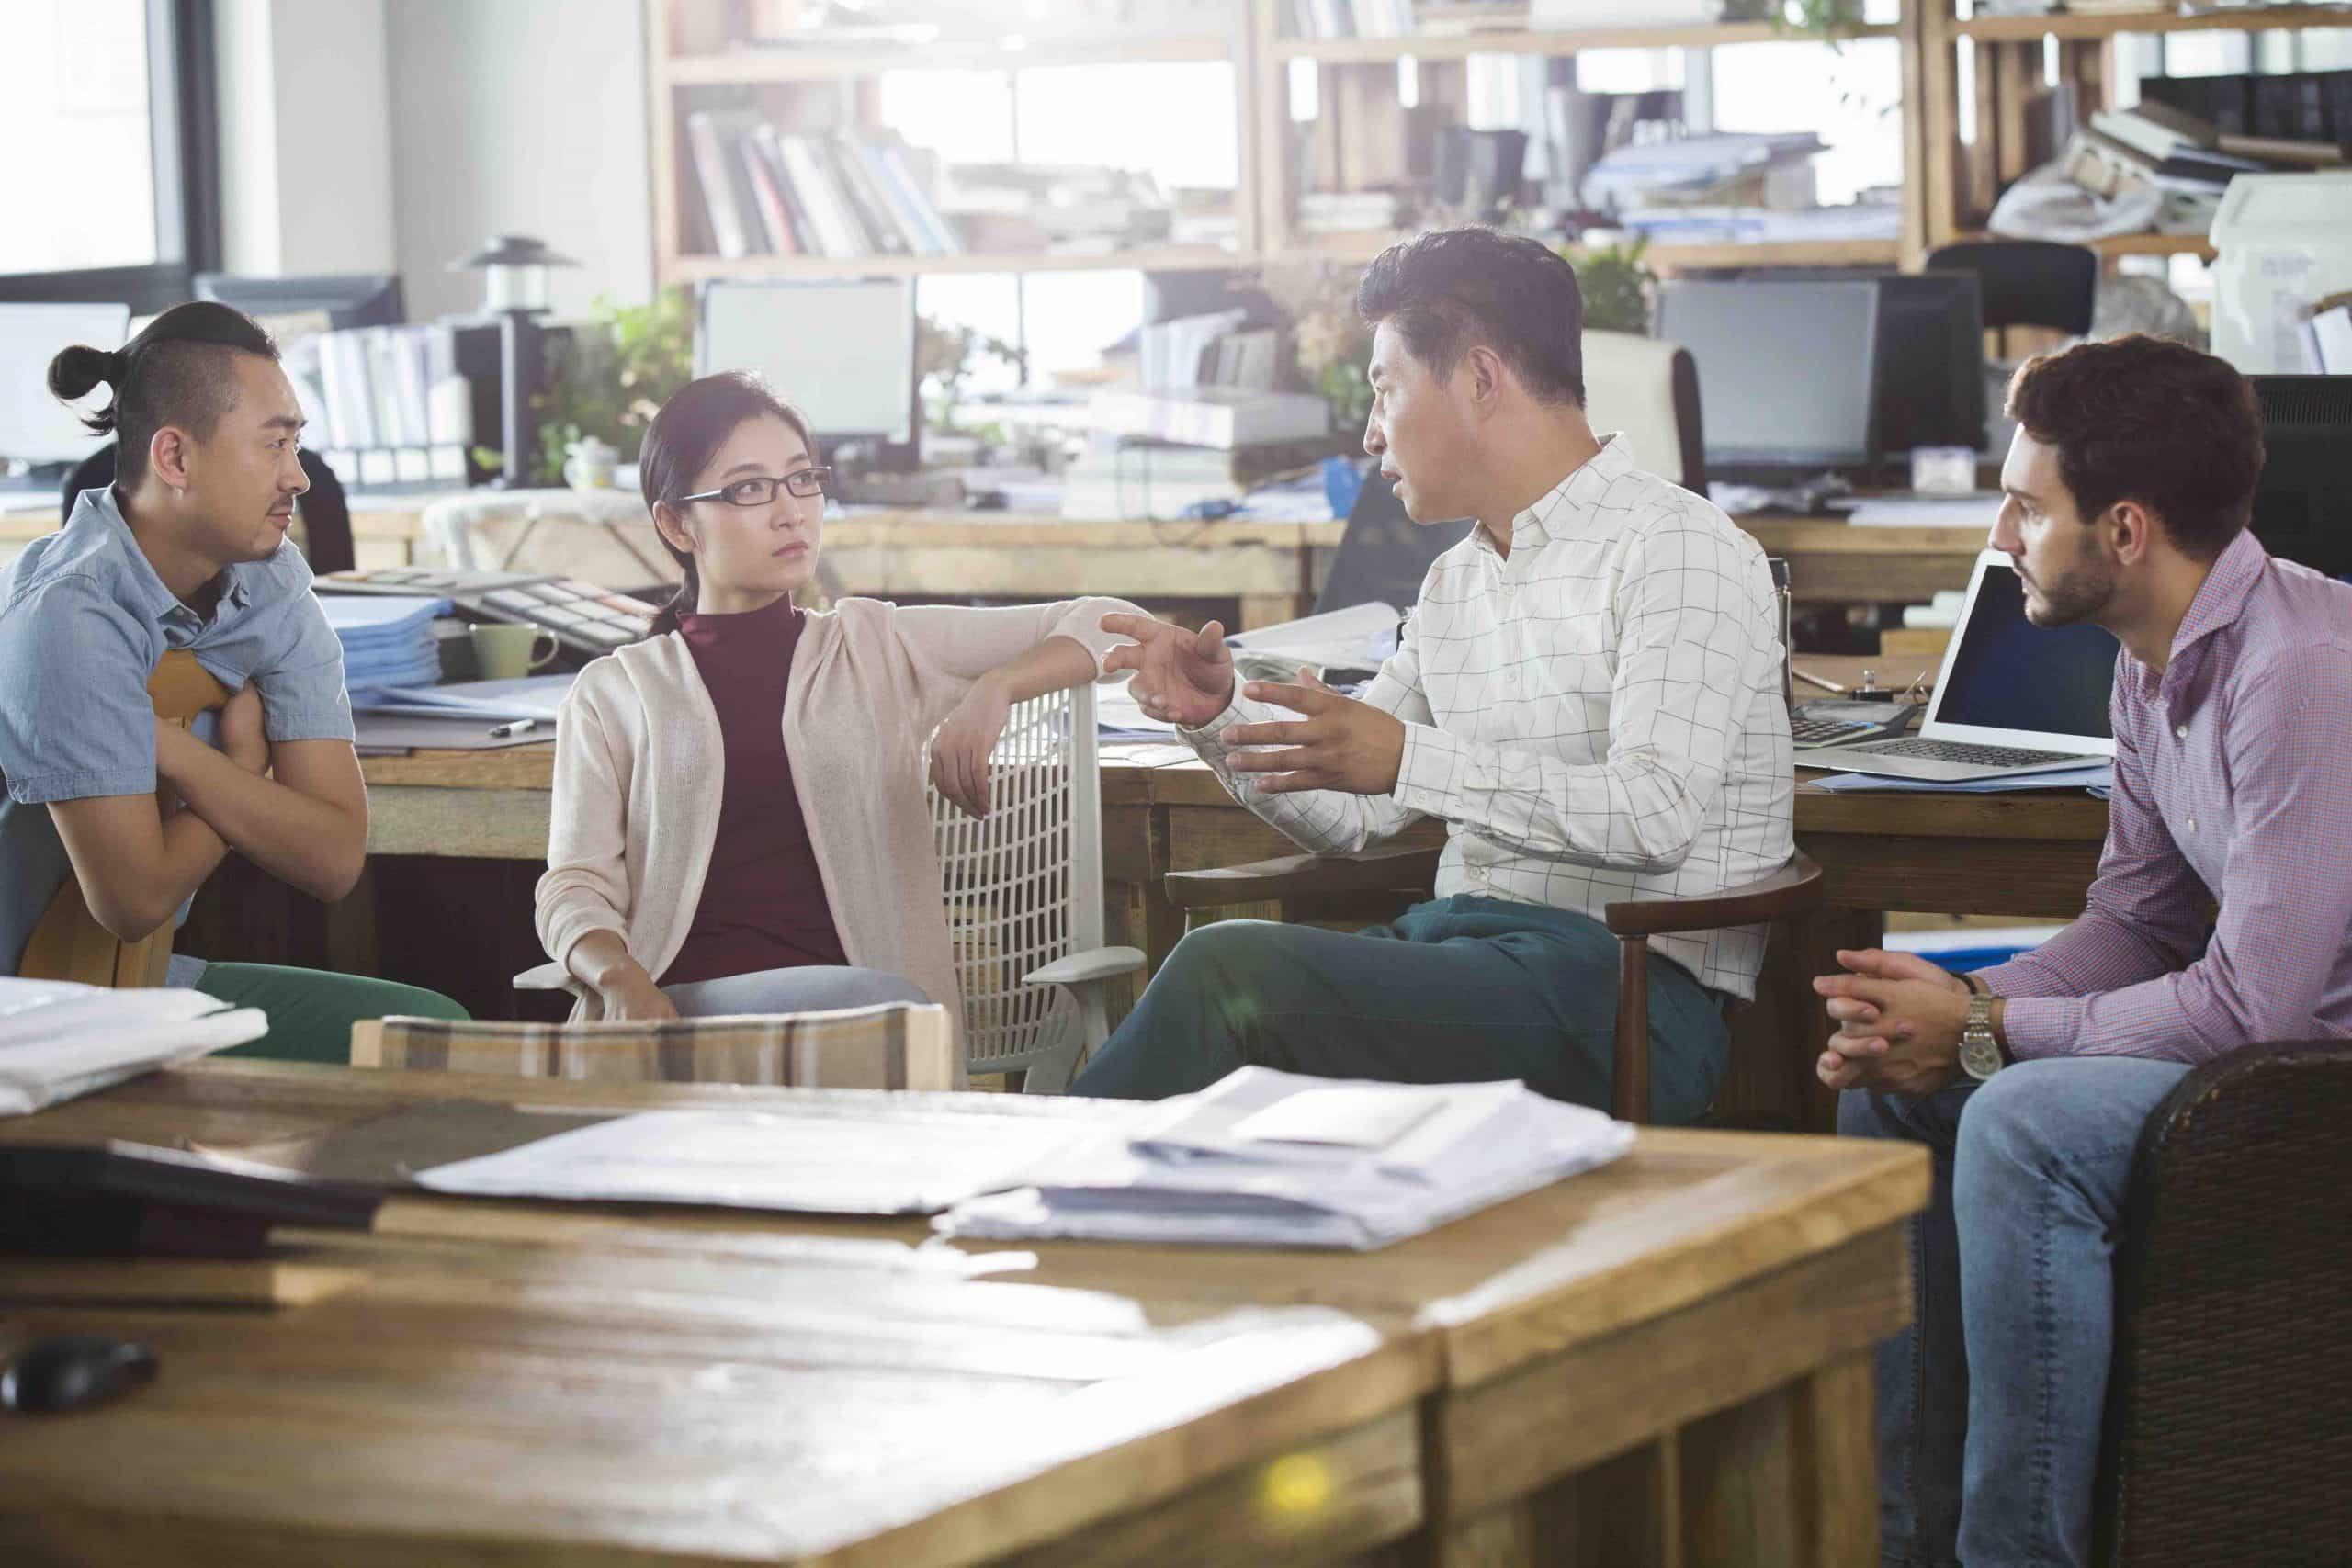 Comment réussir une intégration en entreprise?